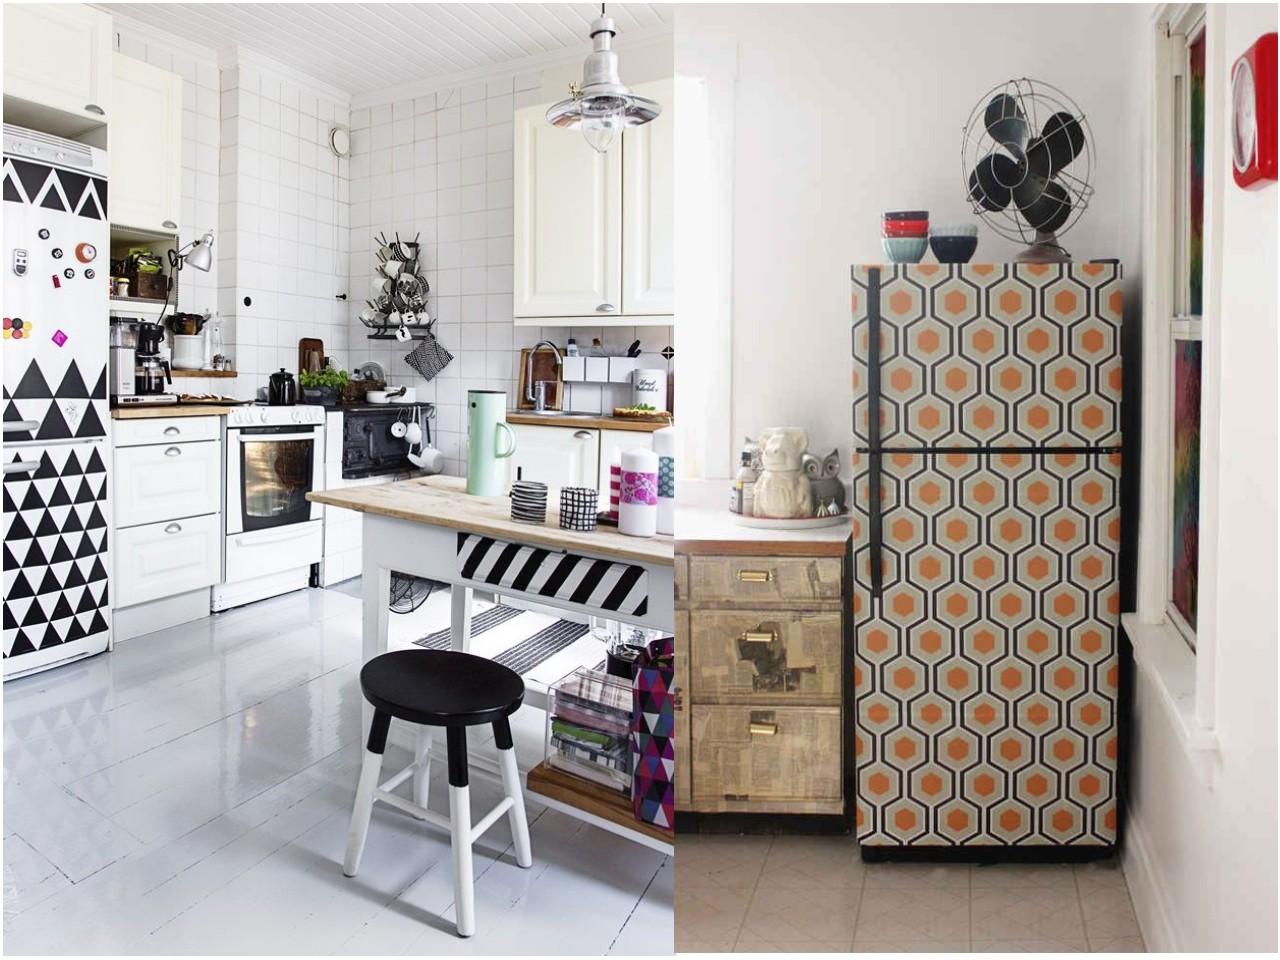 Decoraci n de cocinas con papel pintado for Cocinas completas con electrodomesticos